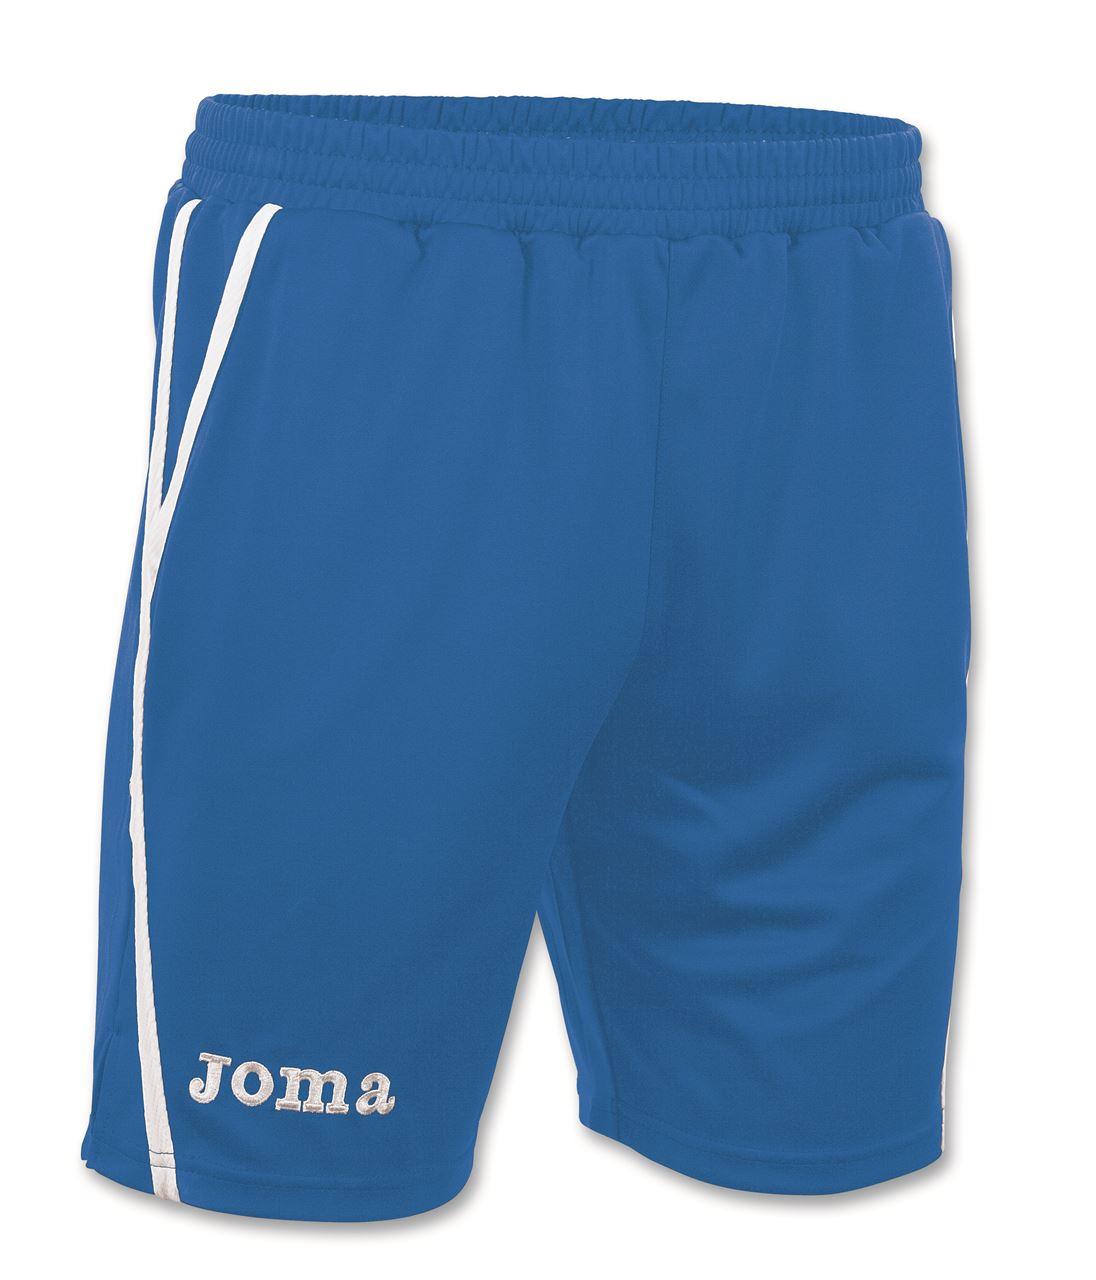 Joma Combi Microfibre Bermuda 2006.12